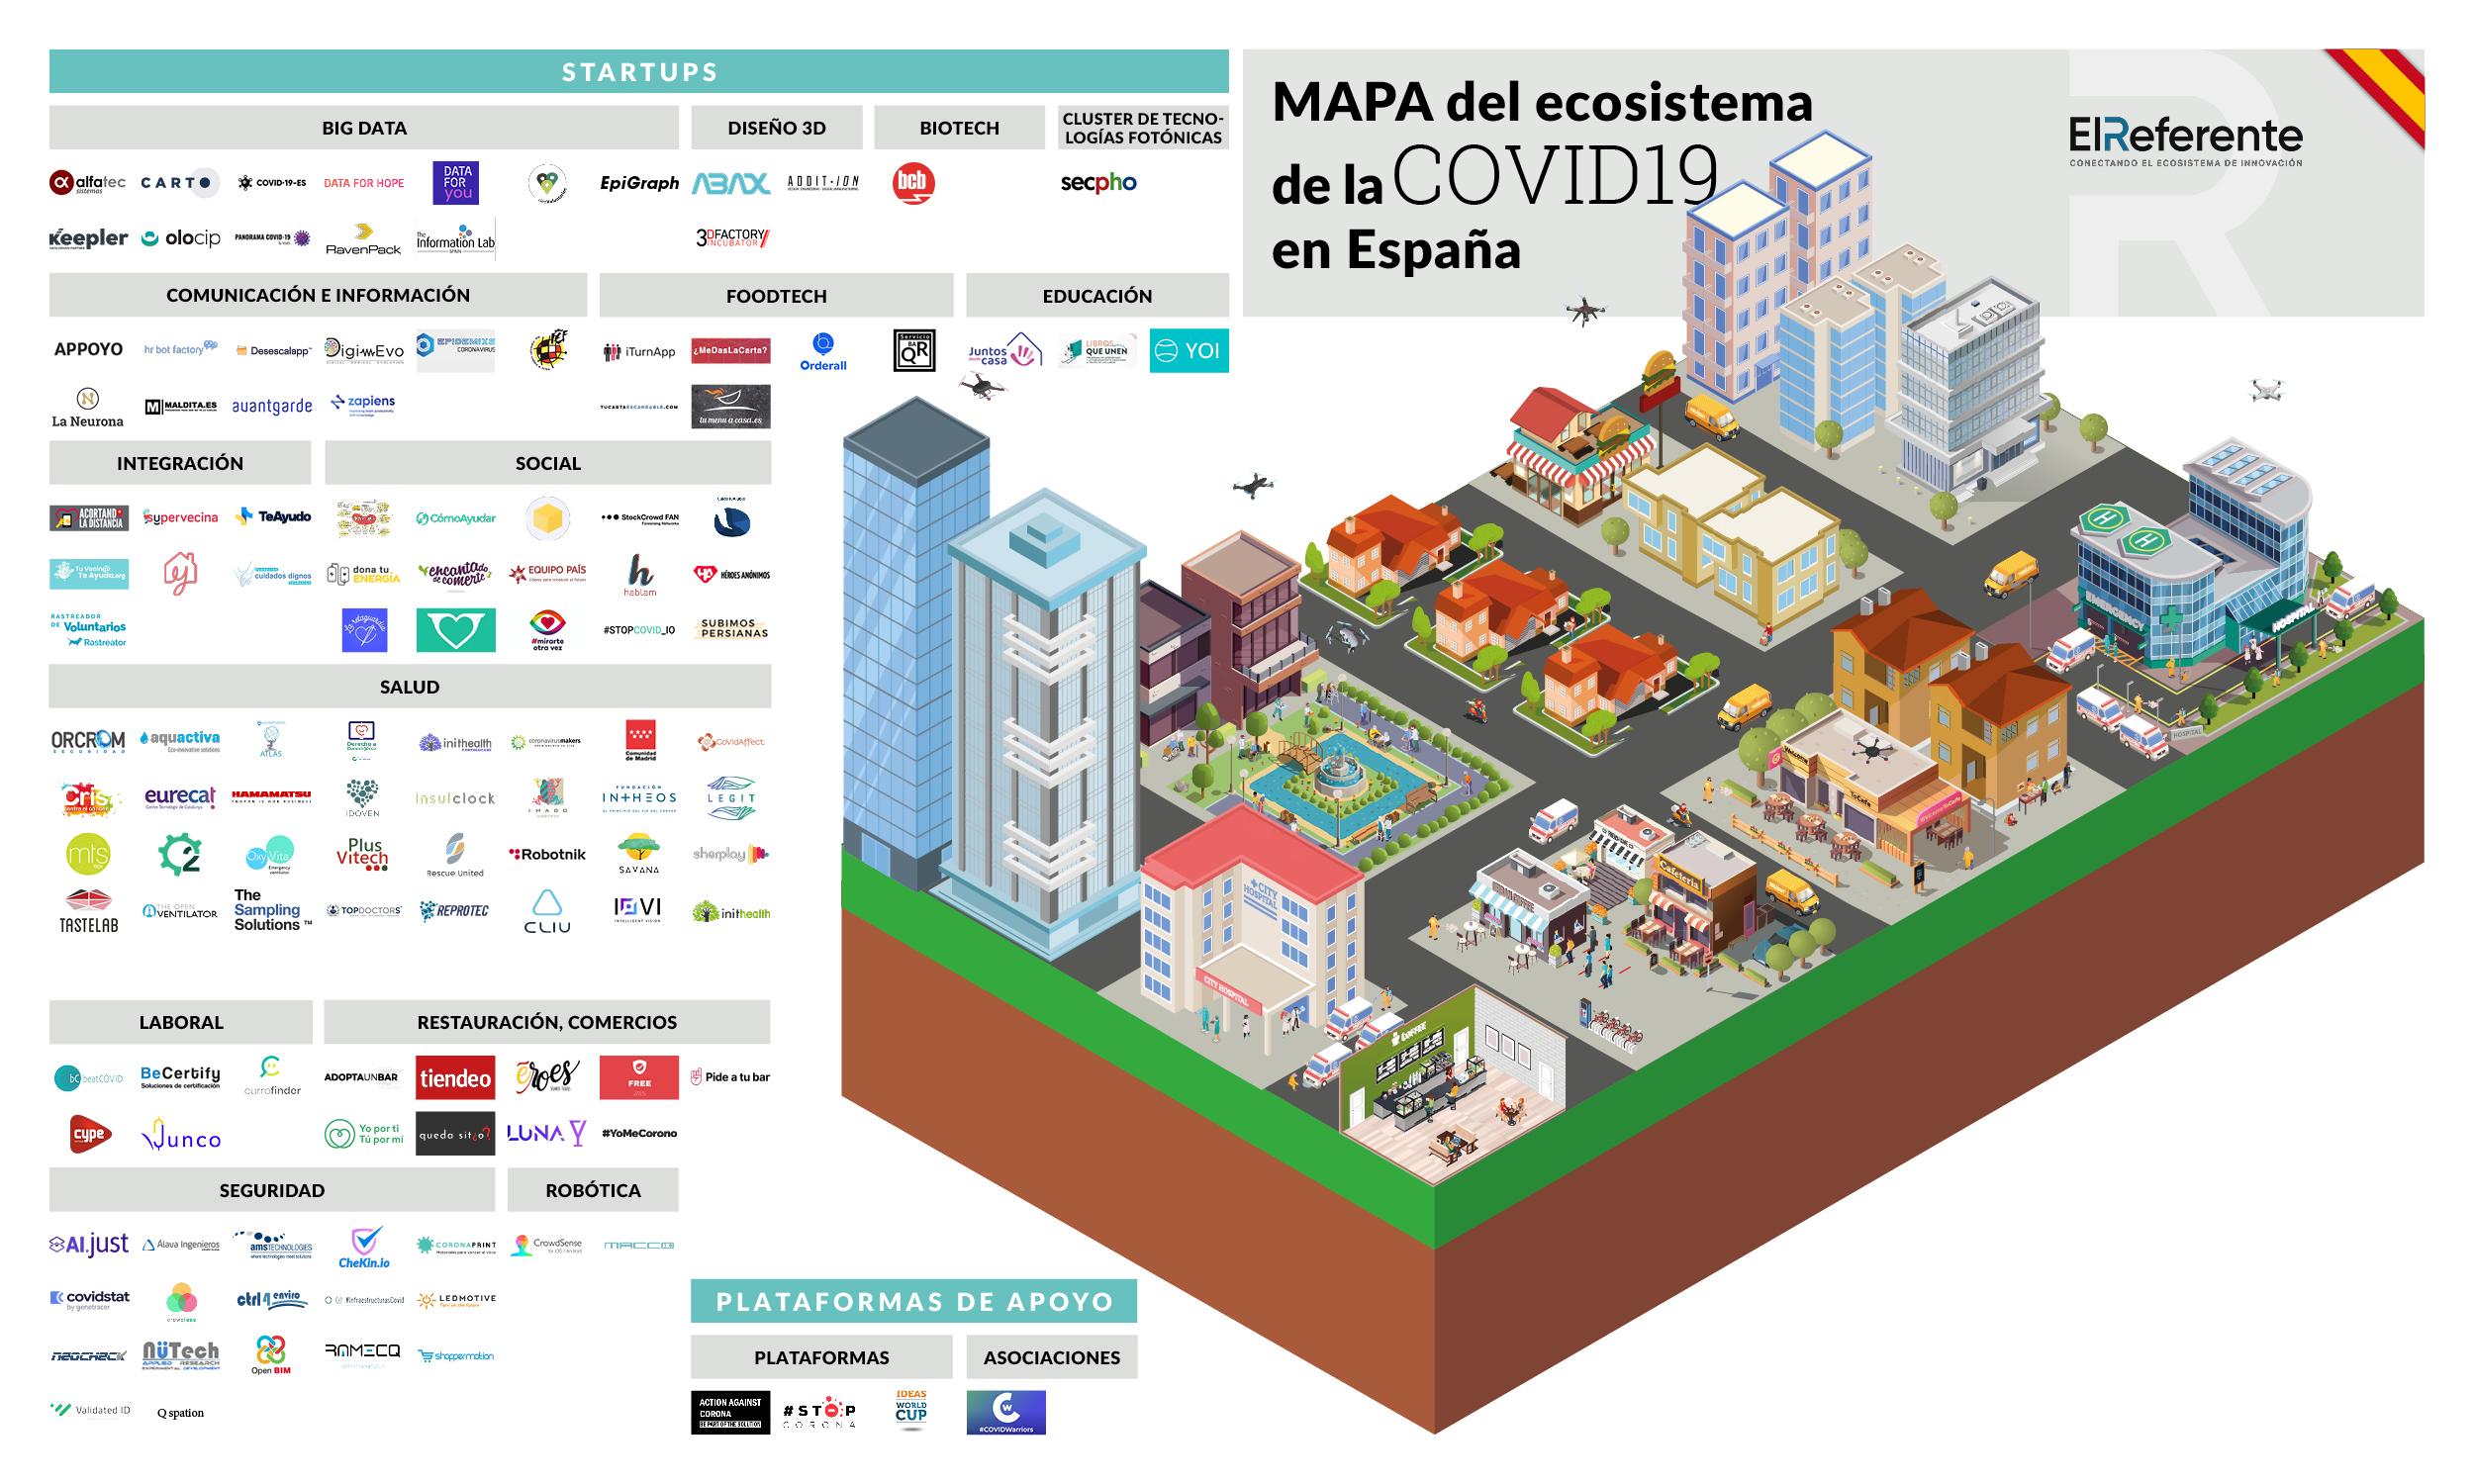 Reportaje de El Referente sobre el ecosistema startup durante la pandemia del Covid-19.